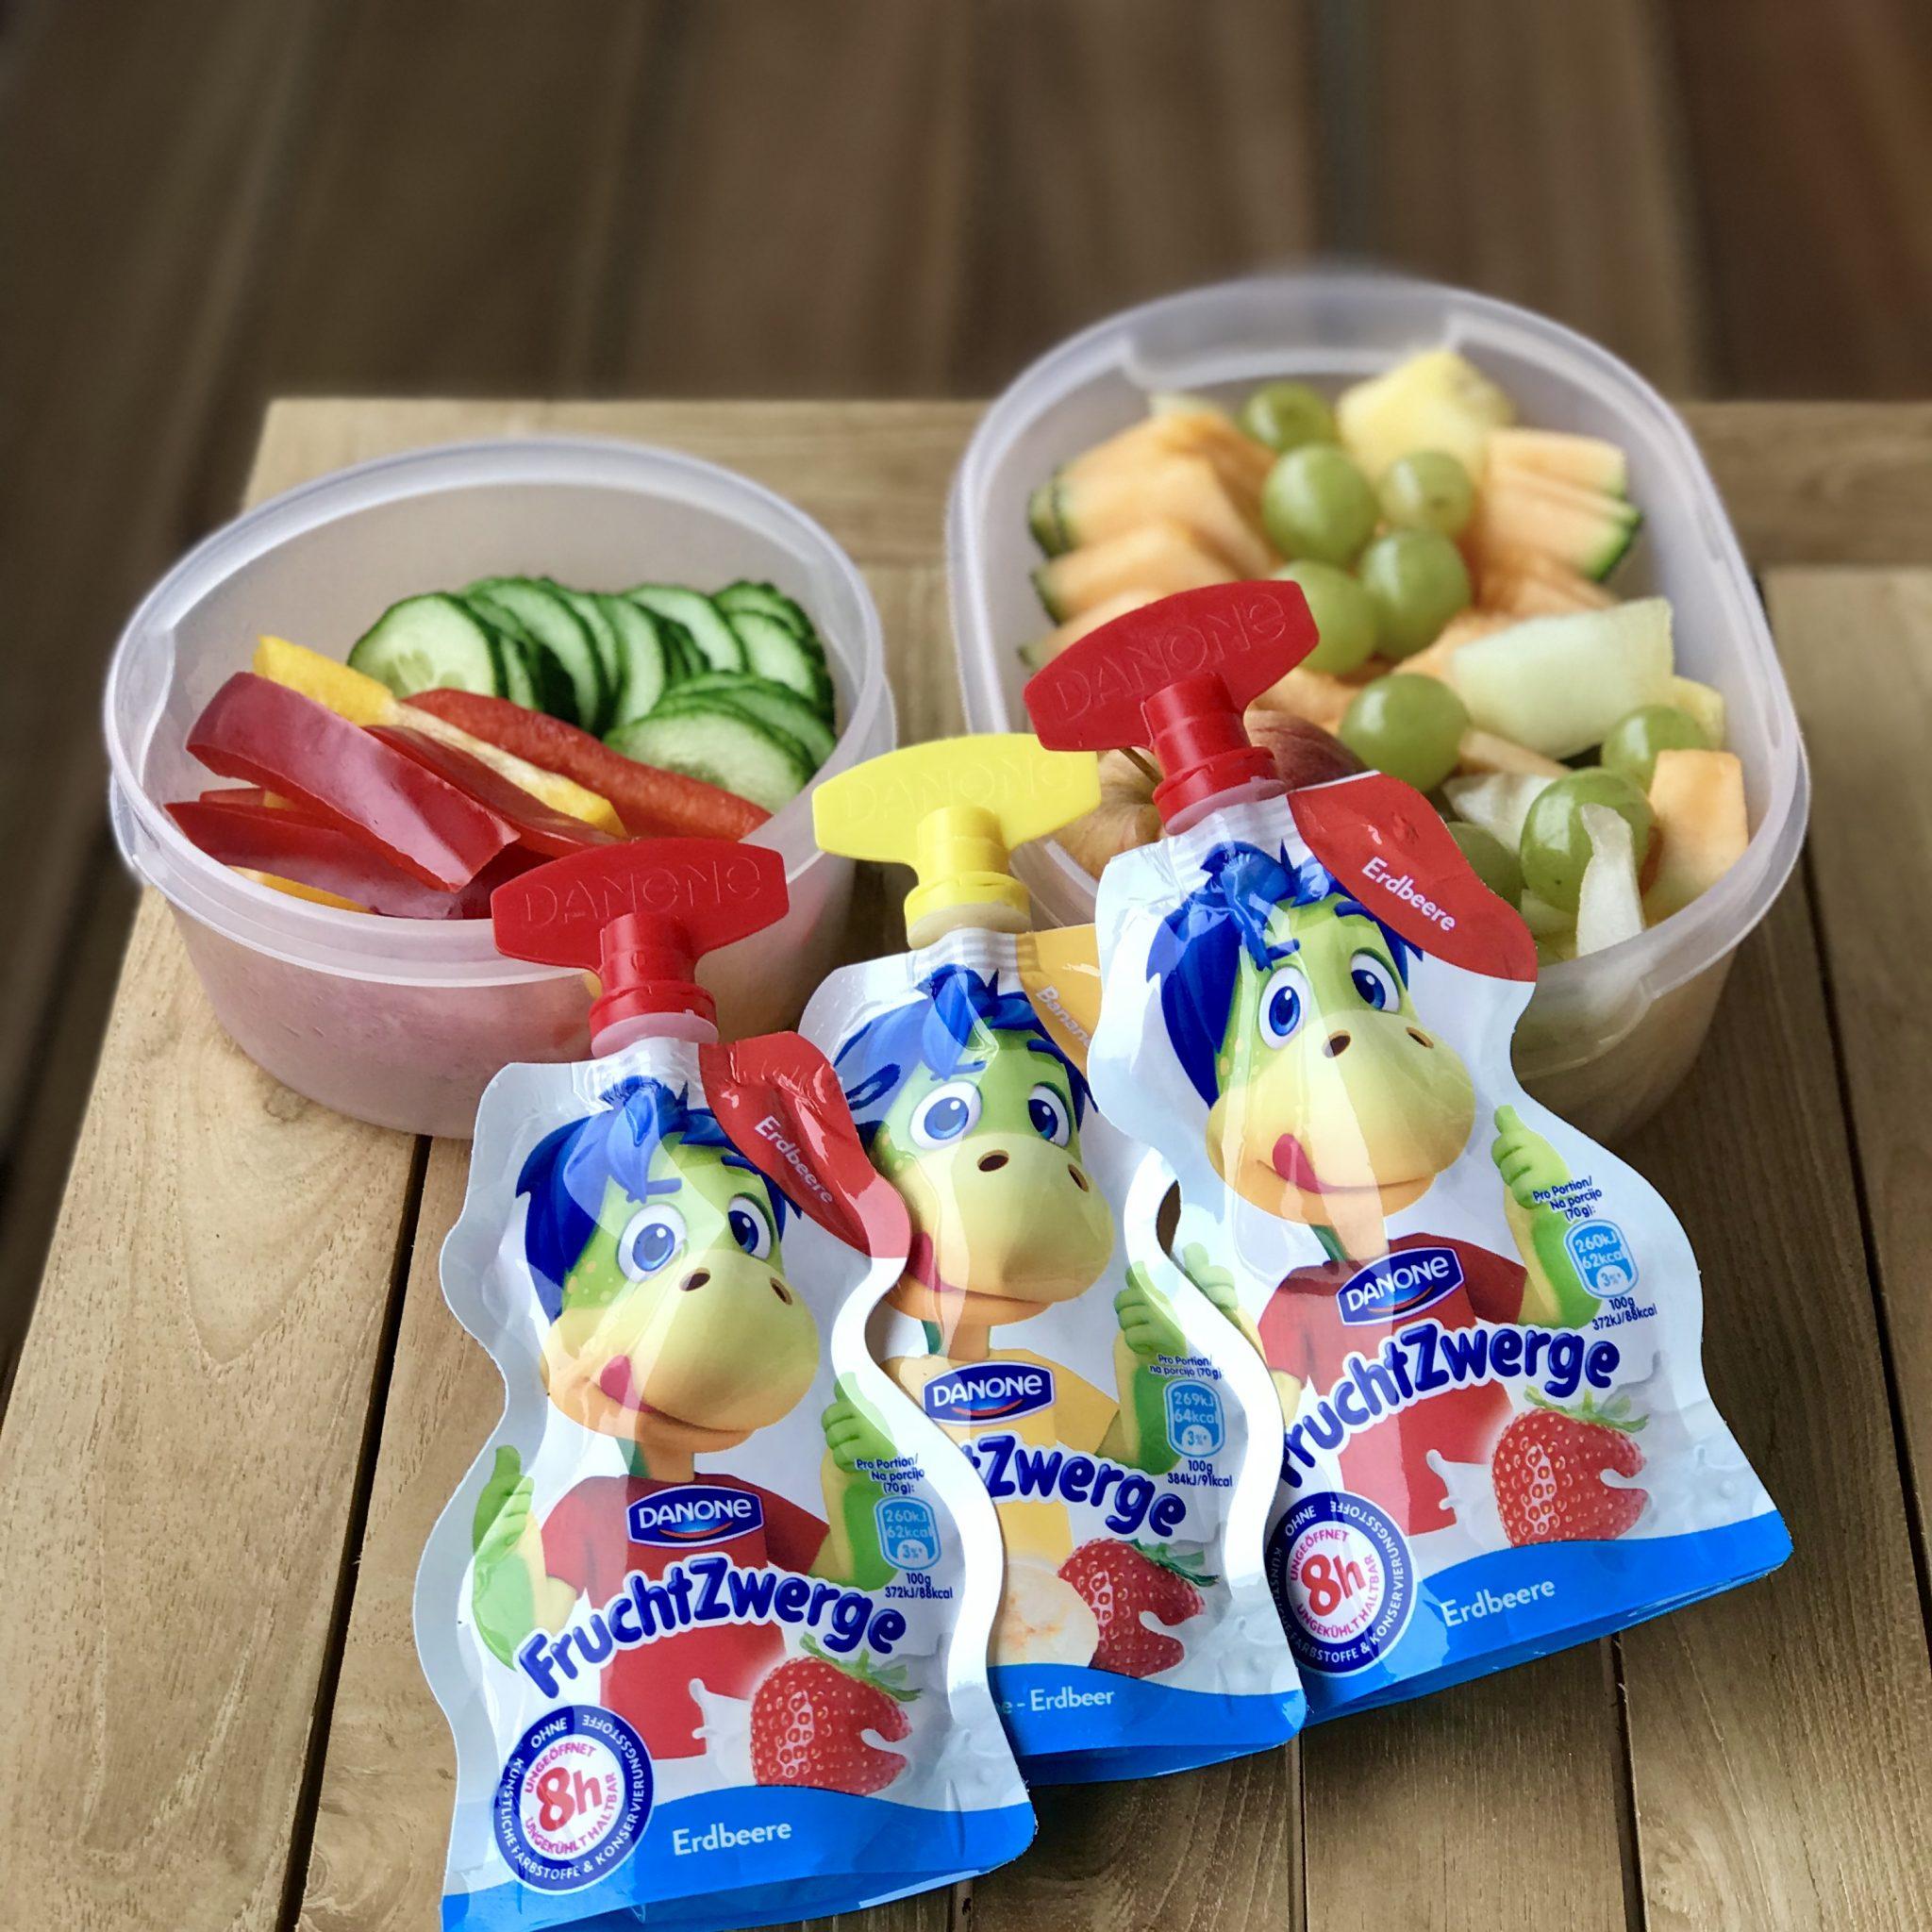 zwischnemahlzeit kinder gesund fruchtzwerge snacks f r. Black Bedroom Furniture Sets. Home Design Ideas